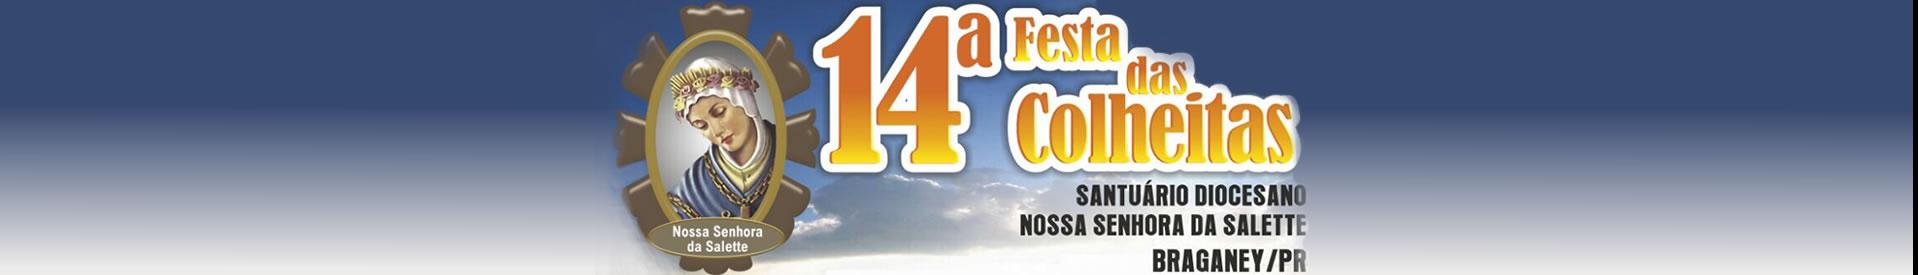 14ª Festa das Colheitas - Santuário Nossa Senhora da Salette - Braganey